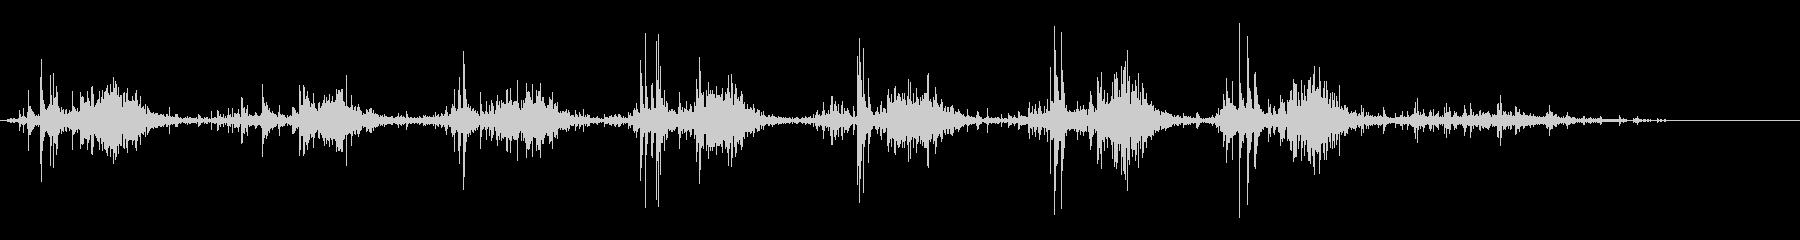 タブレッド菓子出す音・振る音10の未再生の波形